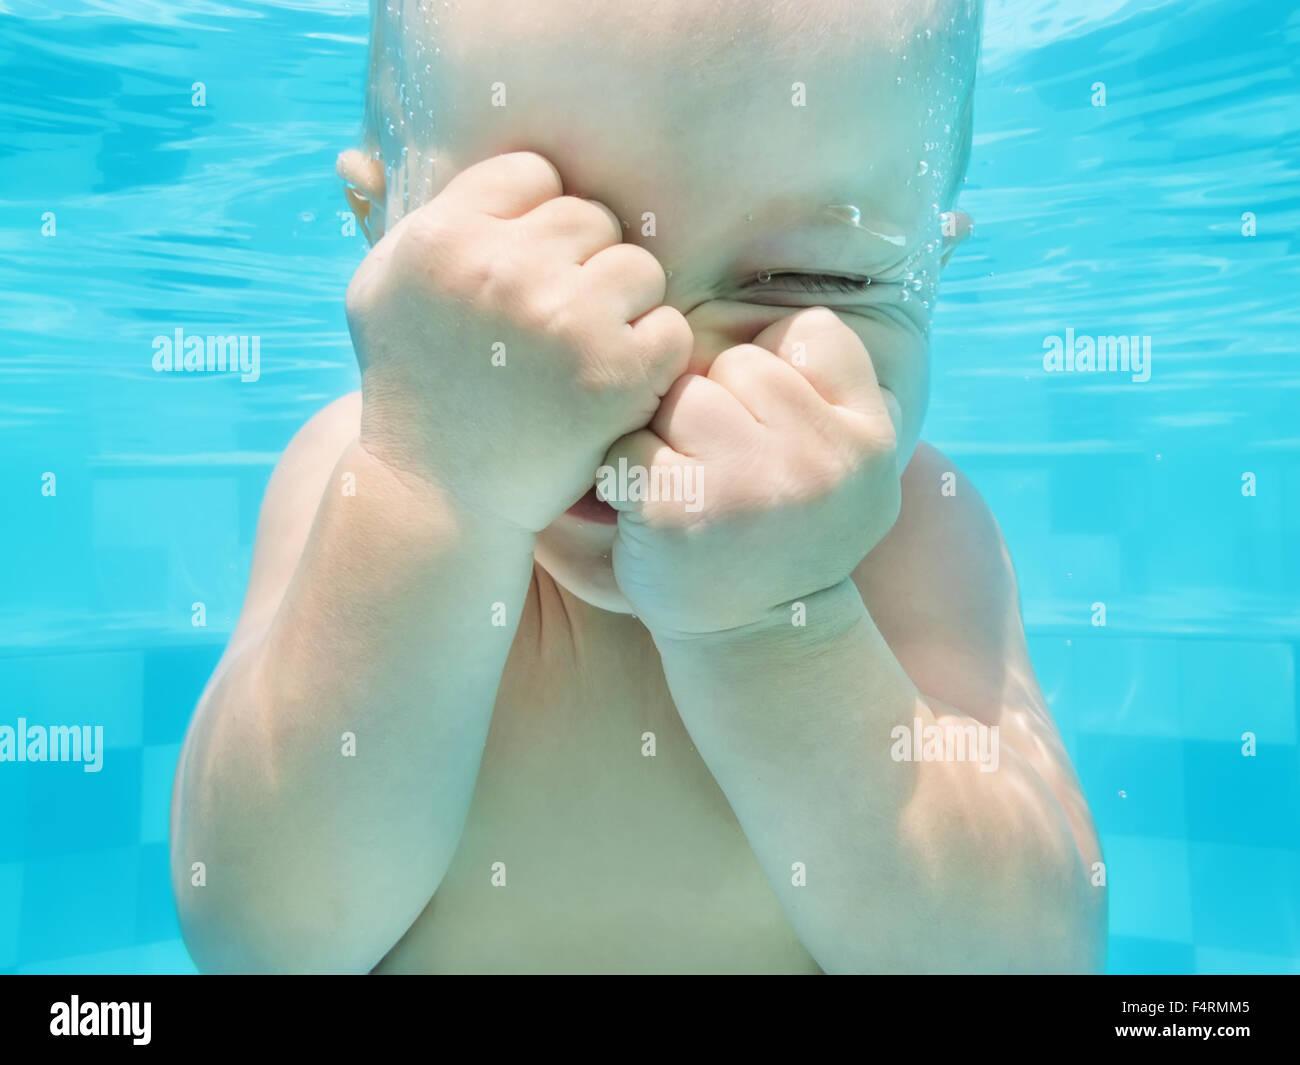 Funny face portrait de petit bébé garçon ayant une leçon en bleu piscine - natation et plongée sous l'eau avec plaisir. Banque D'Images